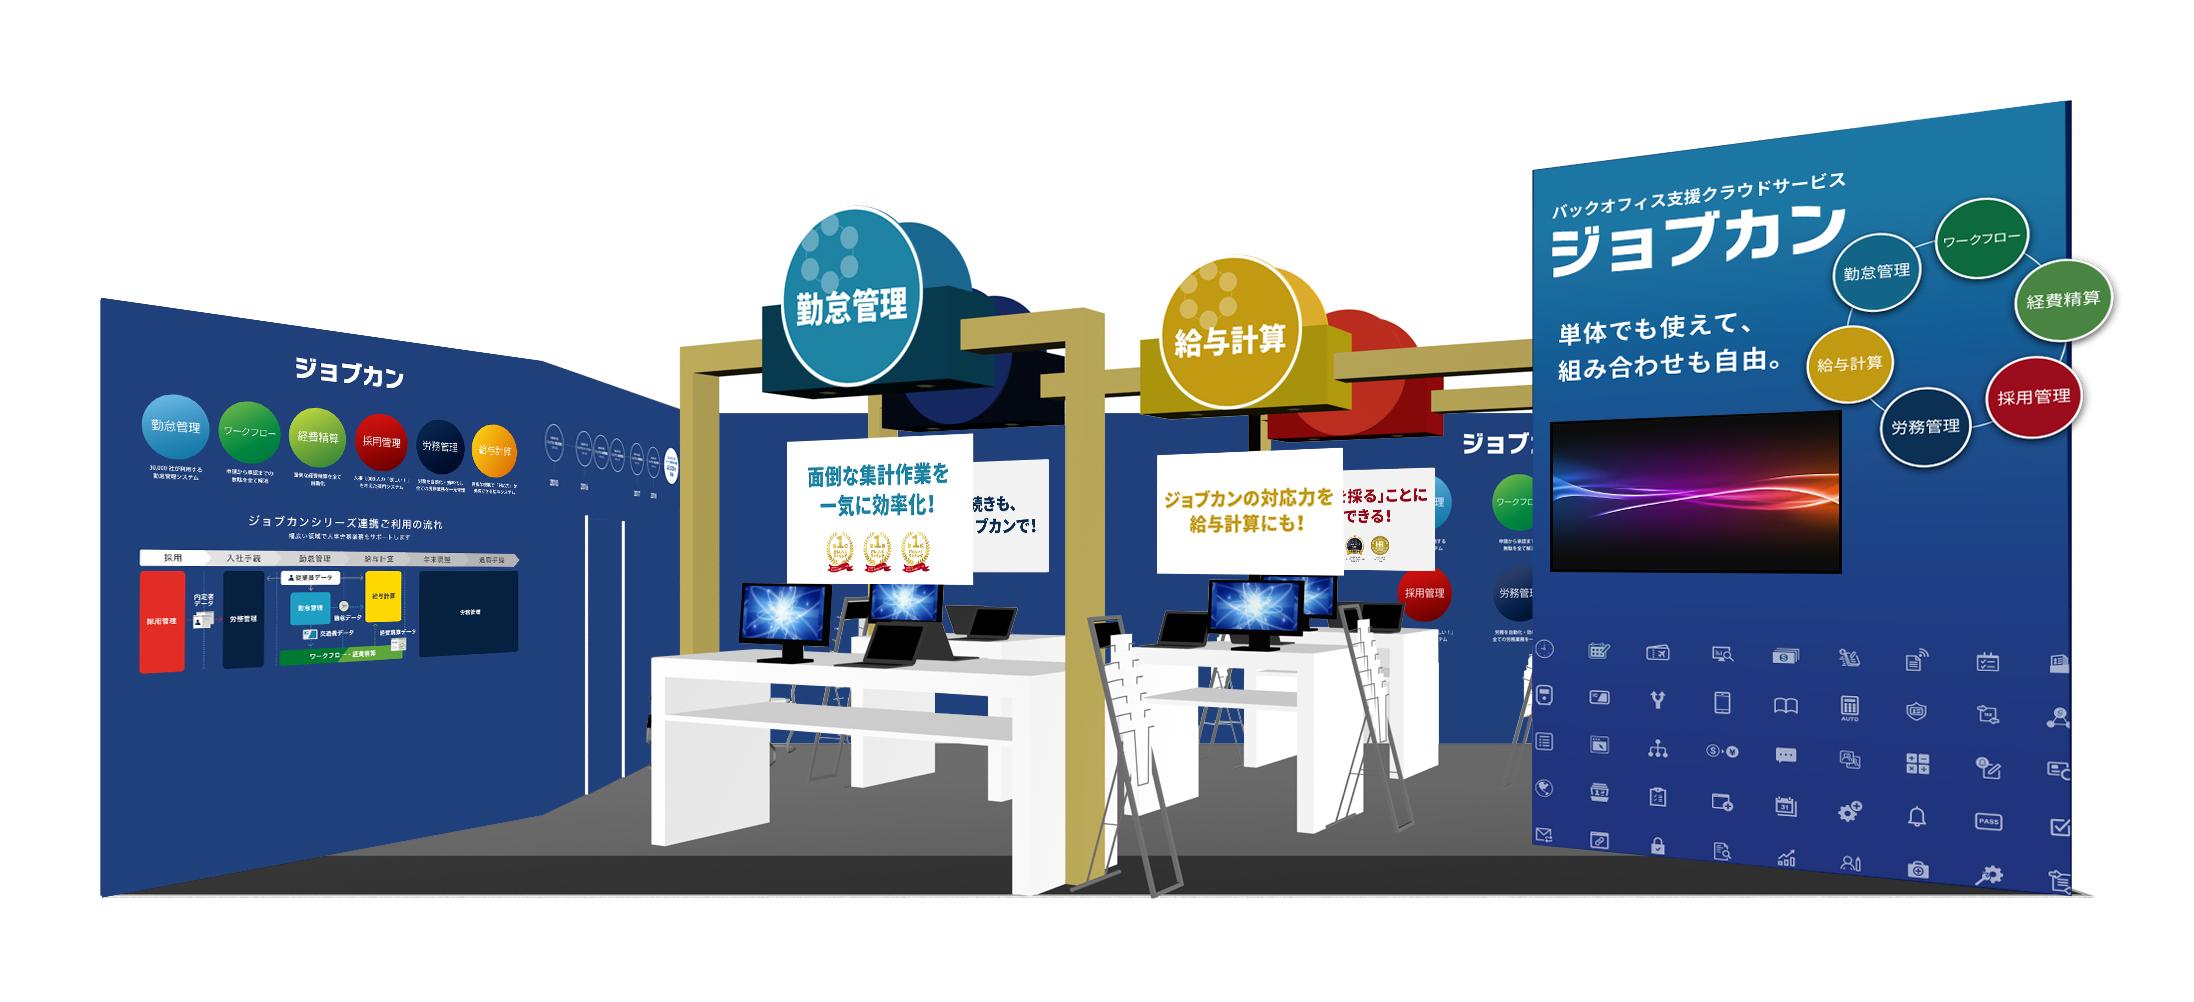 初開催の名古屋 HR EXPO ~人事労務・教育・採用 支援展~にブース出展  30,000社が導入する『ジョブカン勤怠管理』等全6サービスを展示  2月13日(水)~15日(金)in ポートメッセなごや